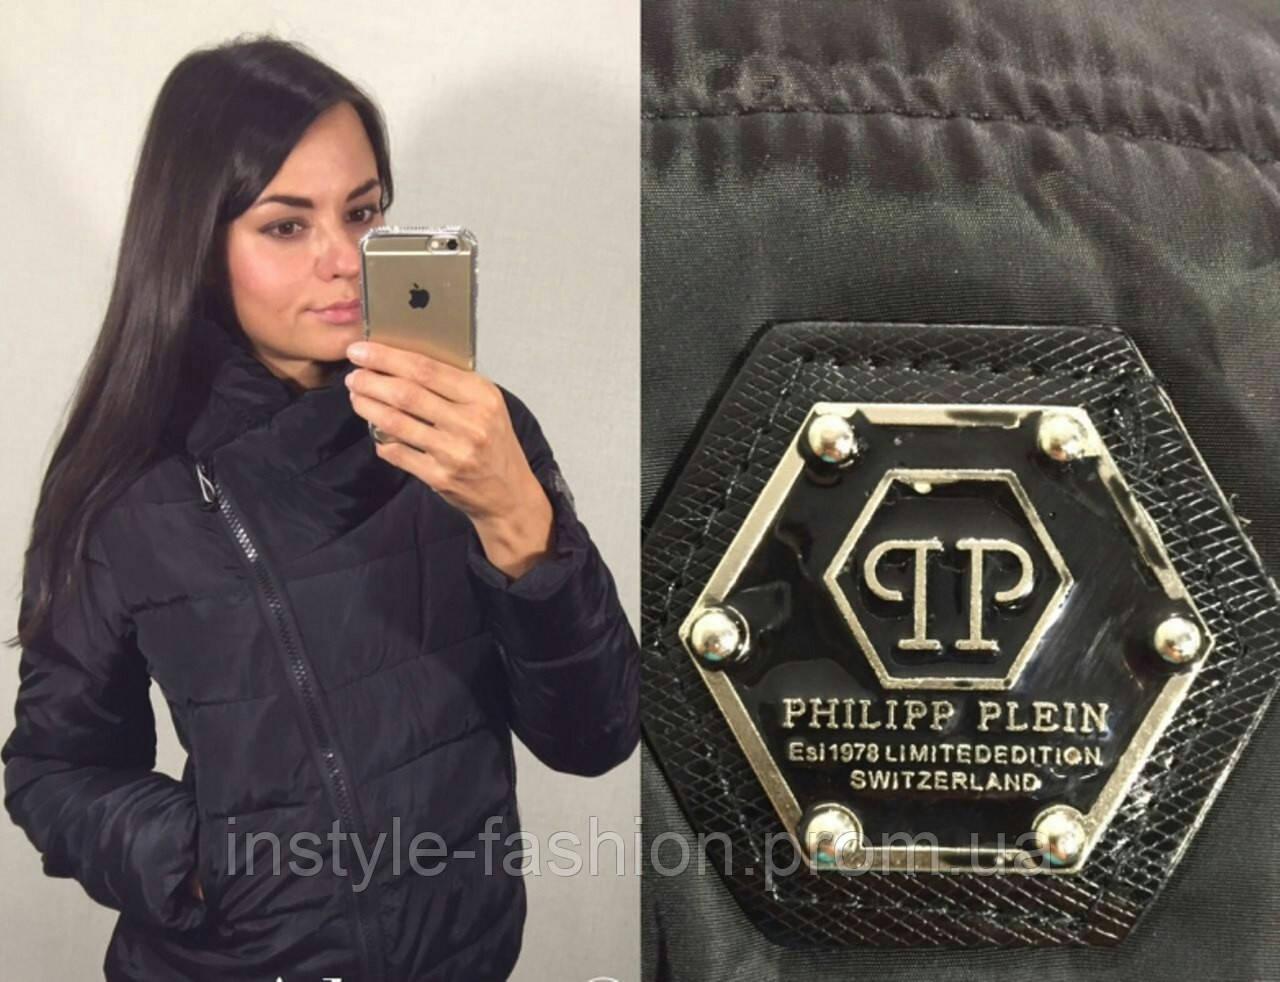 Женская куртка Philipp Plein на молнии ткань плотная плащевка на синтепоне черная